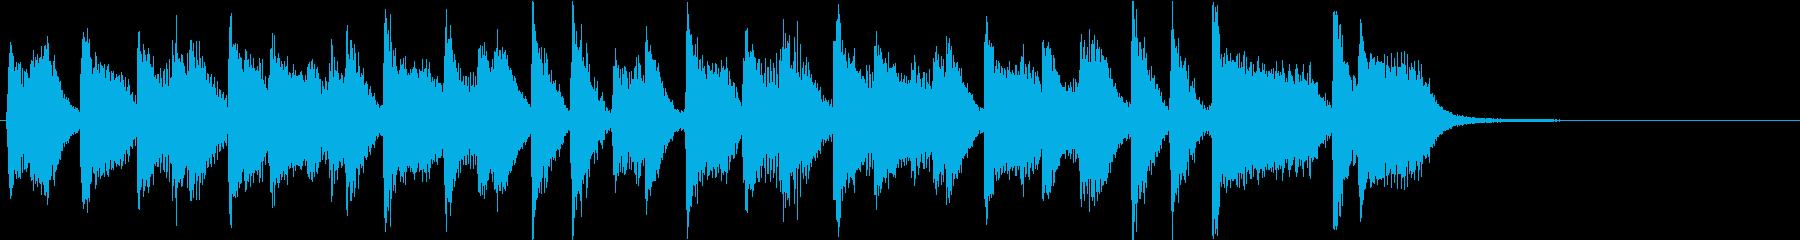 ファンキーなリズムのクールピアノジングルの再生済みの波形